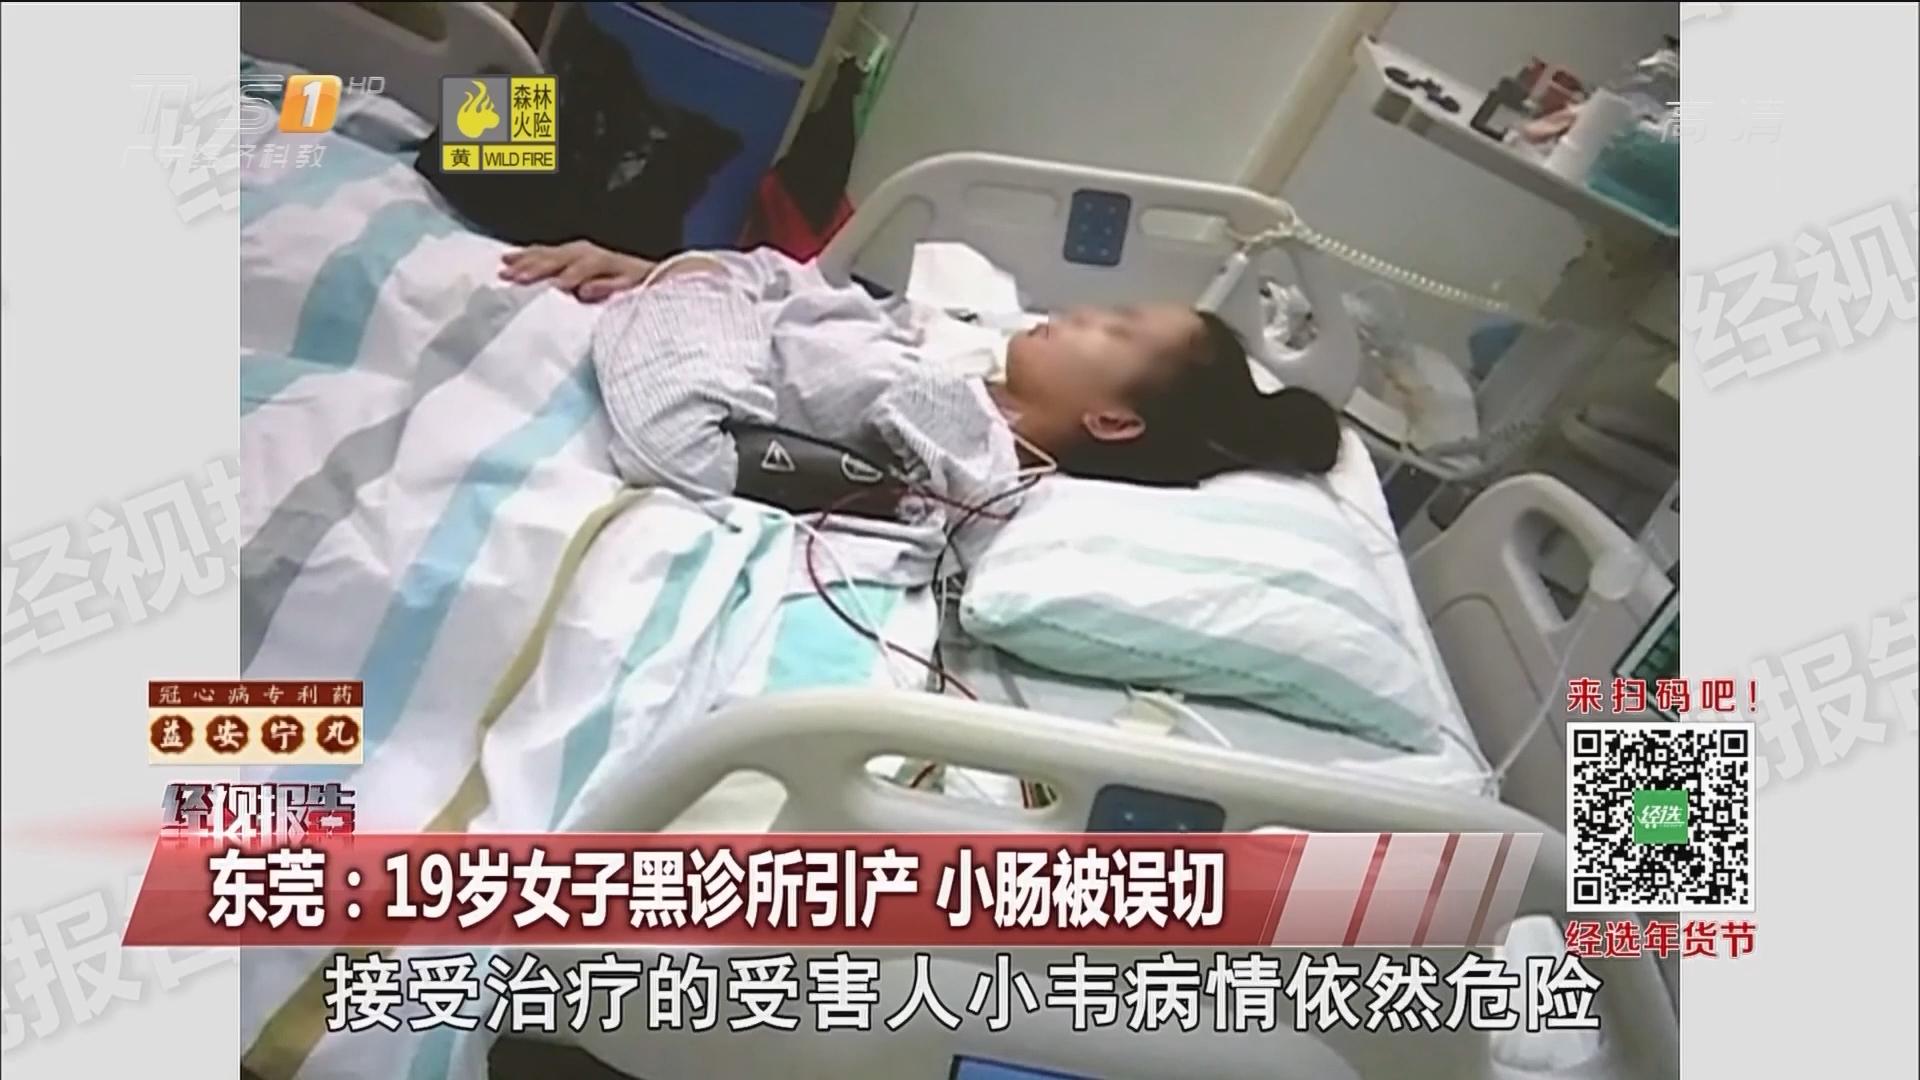 东莞:19岁女子黑诊所引产 小肠被误切